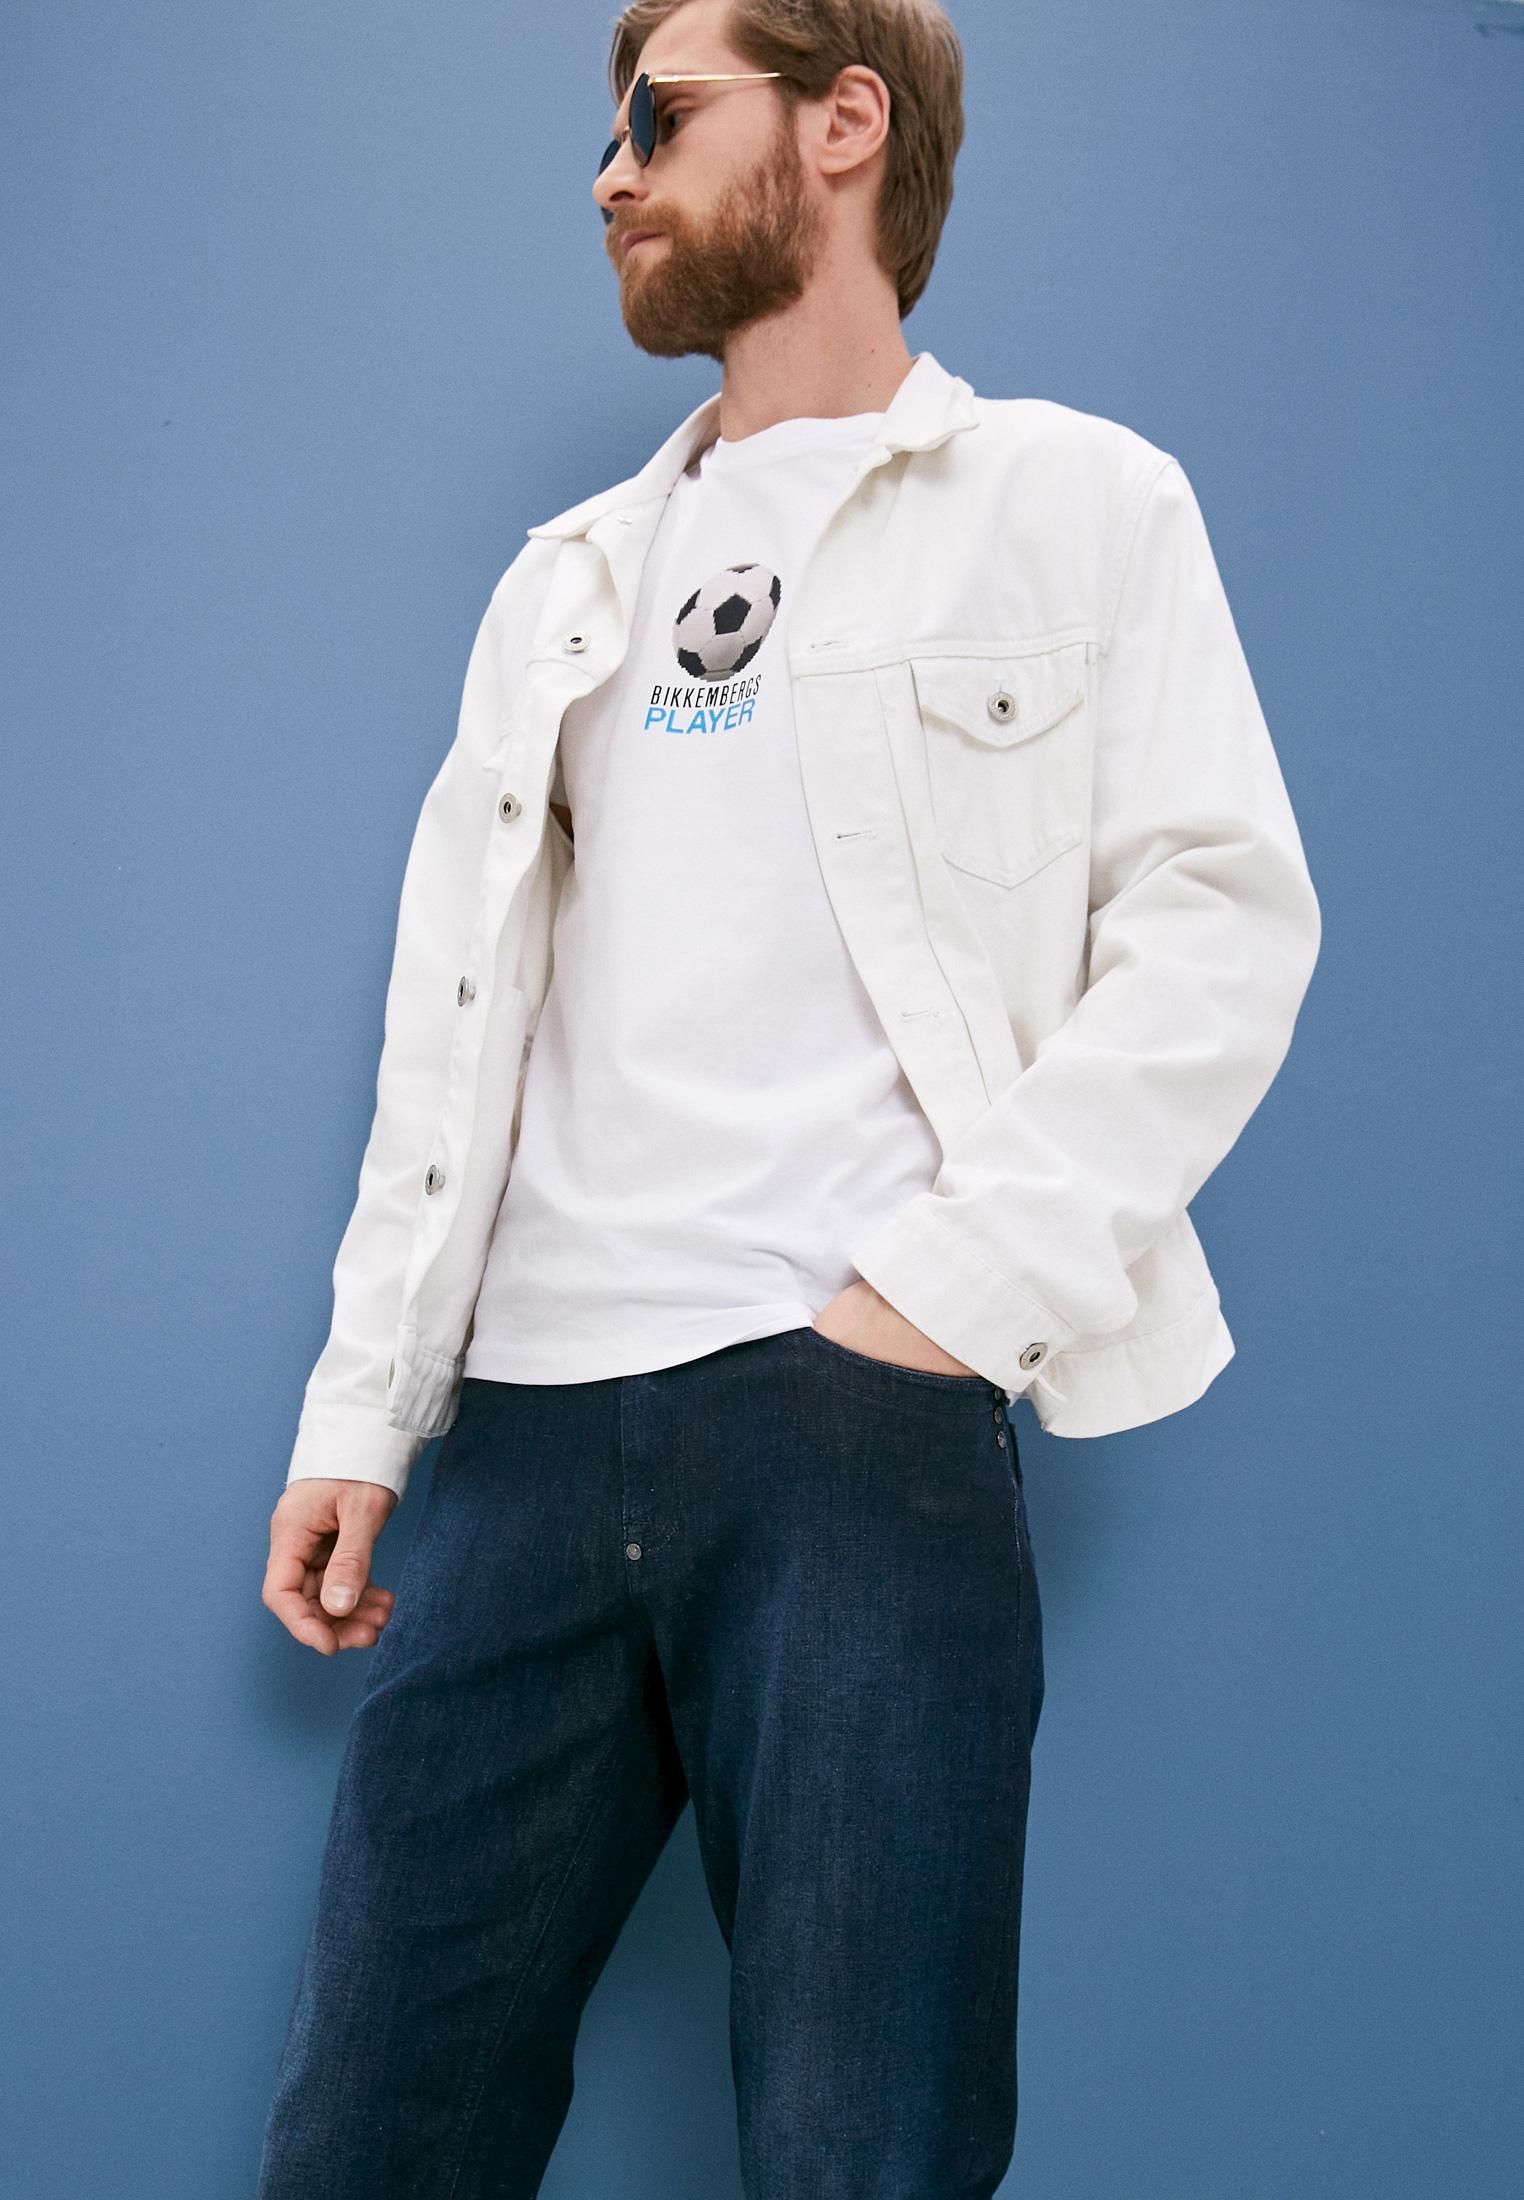 Мужские прямые джинсы Bikkembergs (Биккембергс) C Q 102 22 S 3511: изображение 2